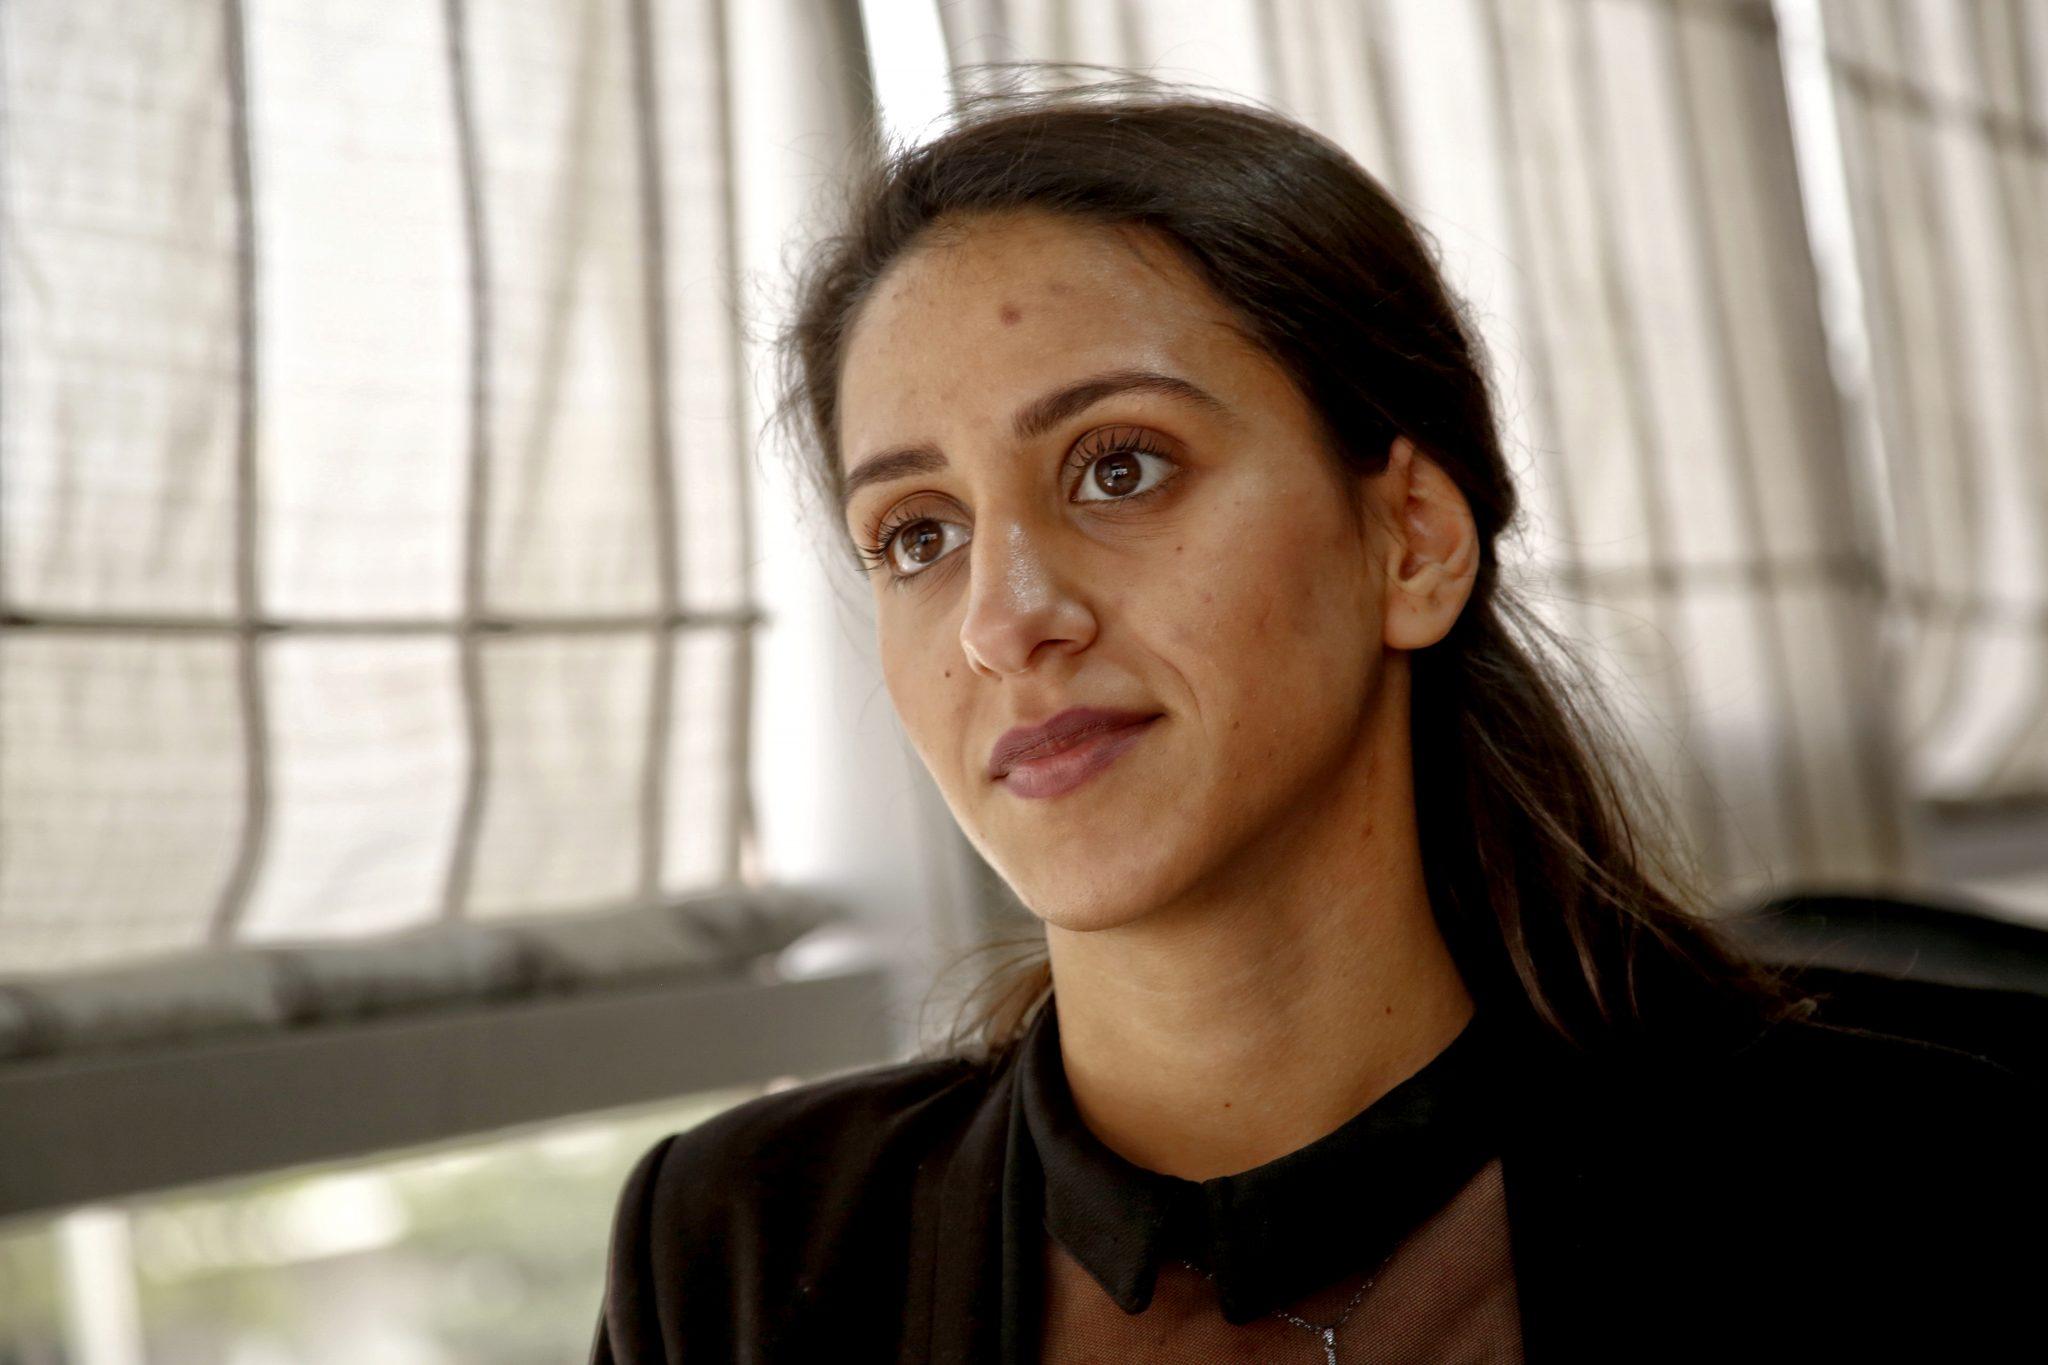 Aktivisten Lule Fila har stärkts efter att ha deltagit i NRAEWOK:s aktiviteter. Foto: Driton Paqarada